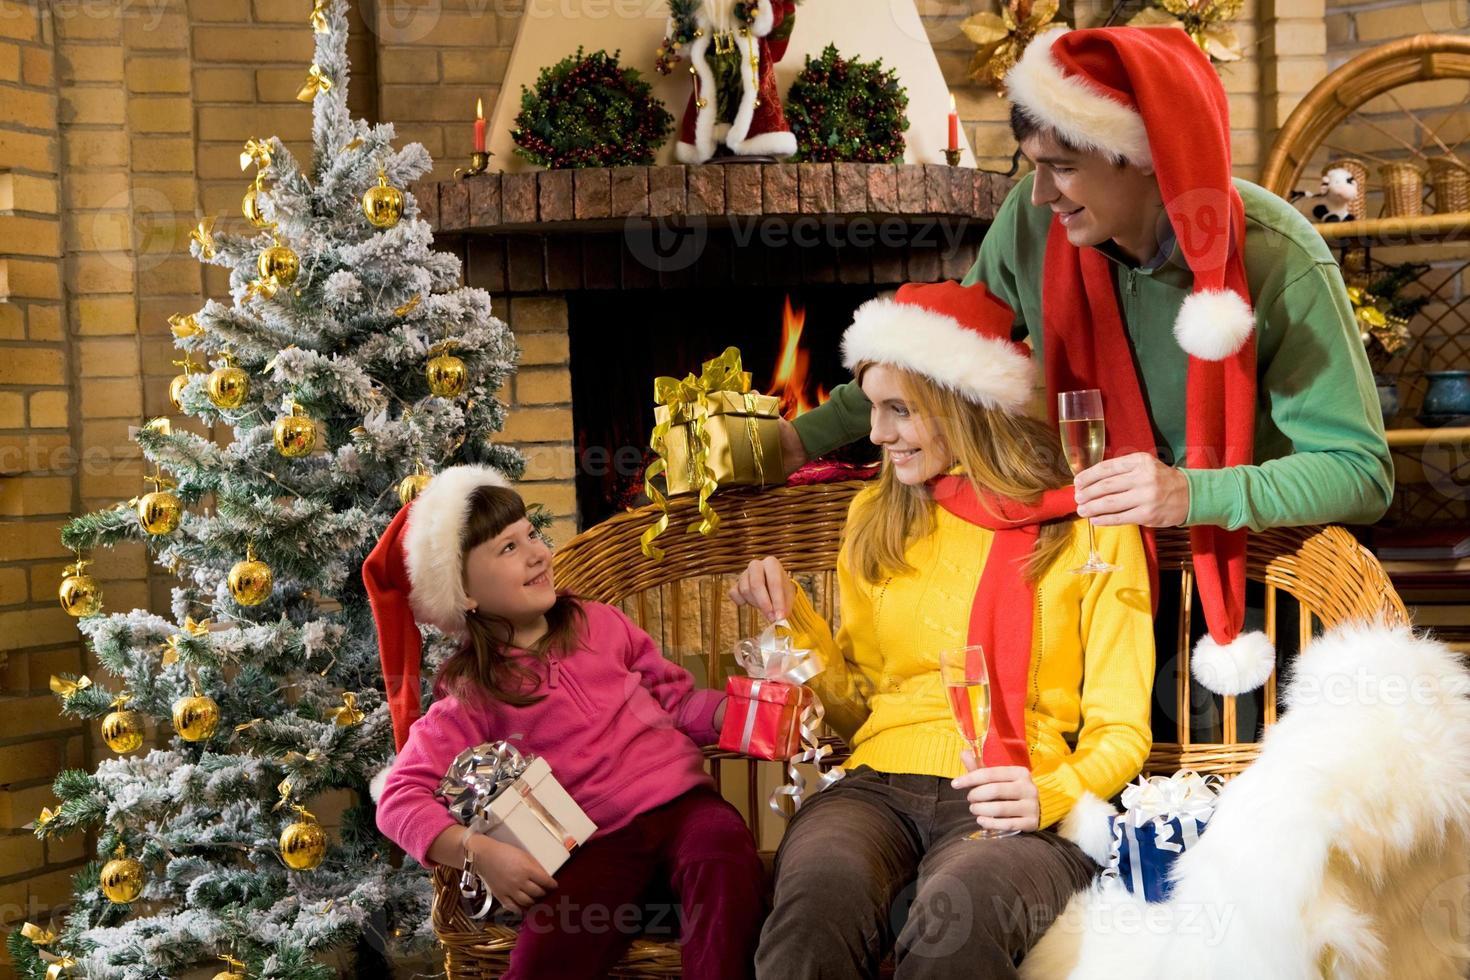 famille joyeuse photo